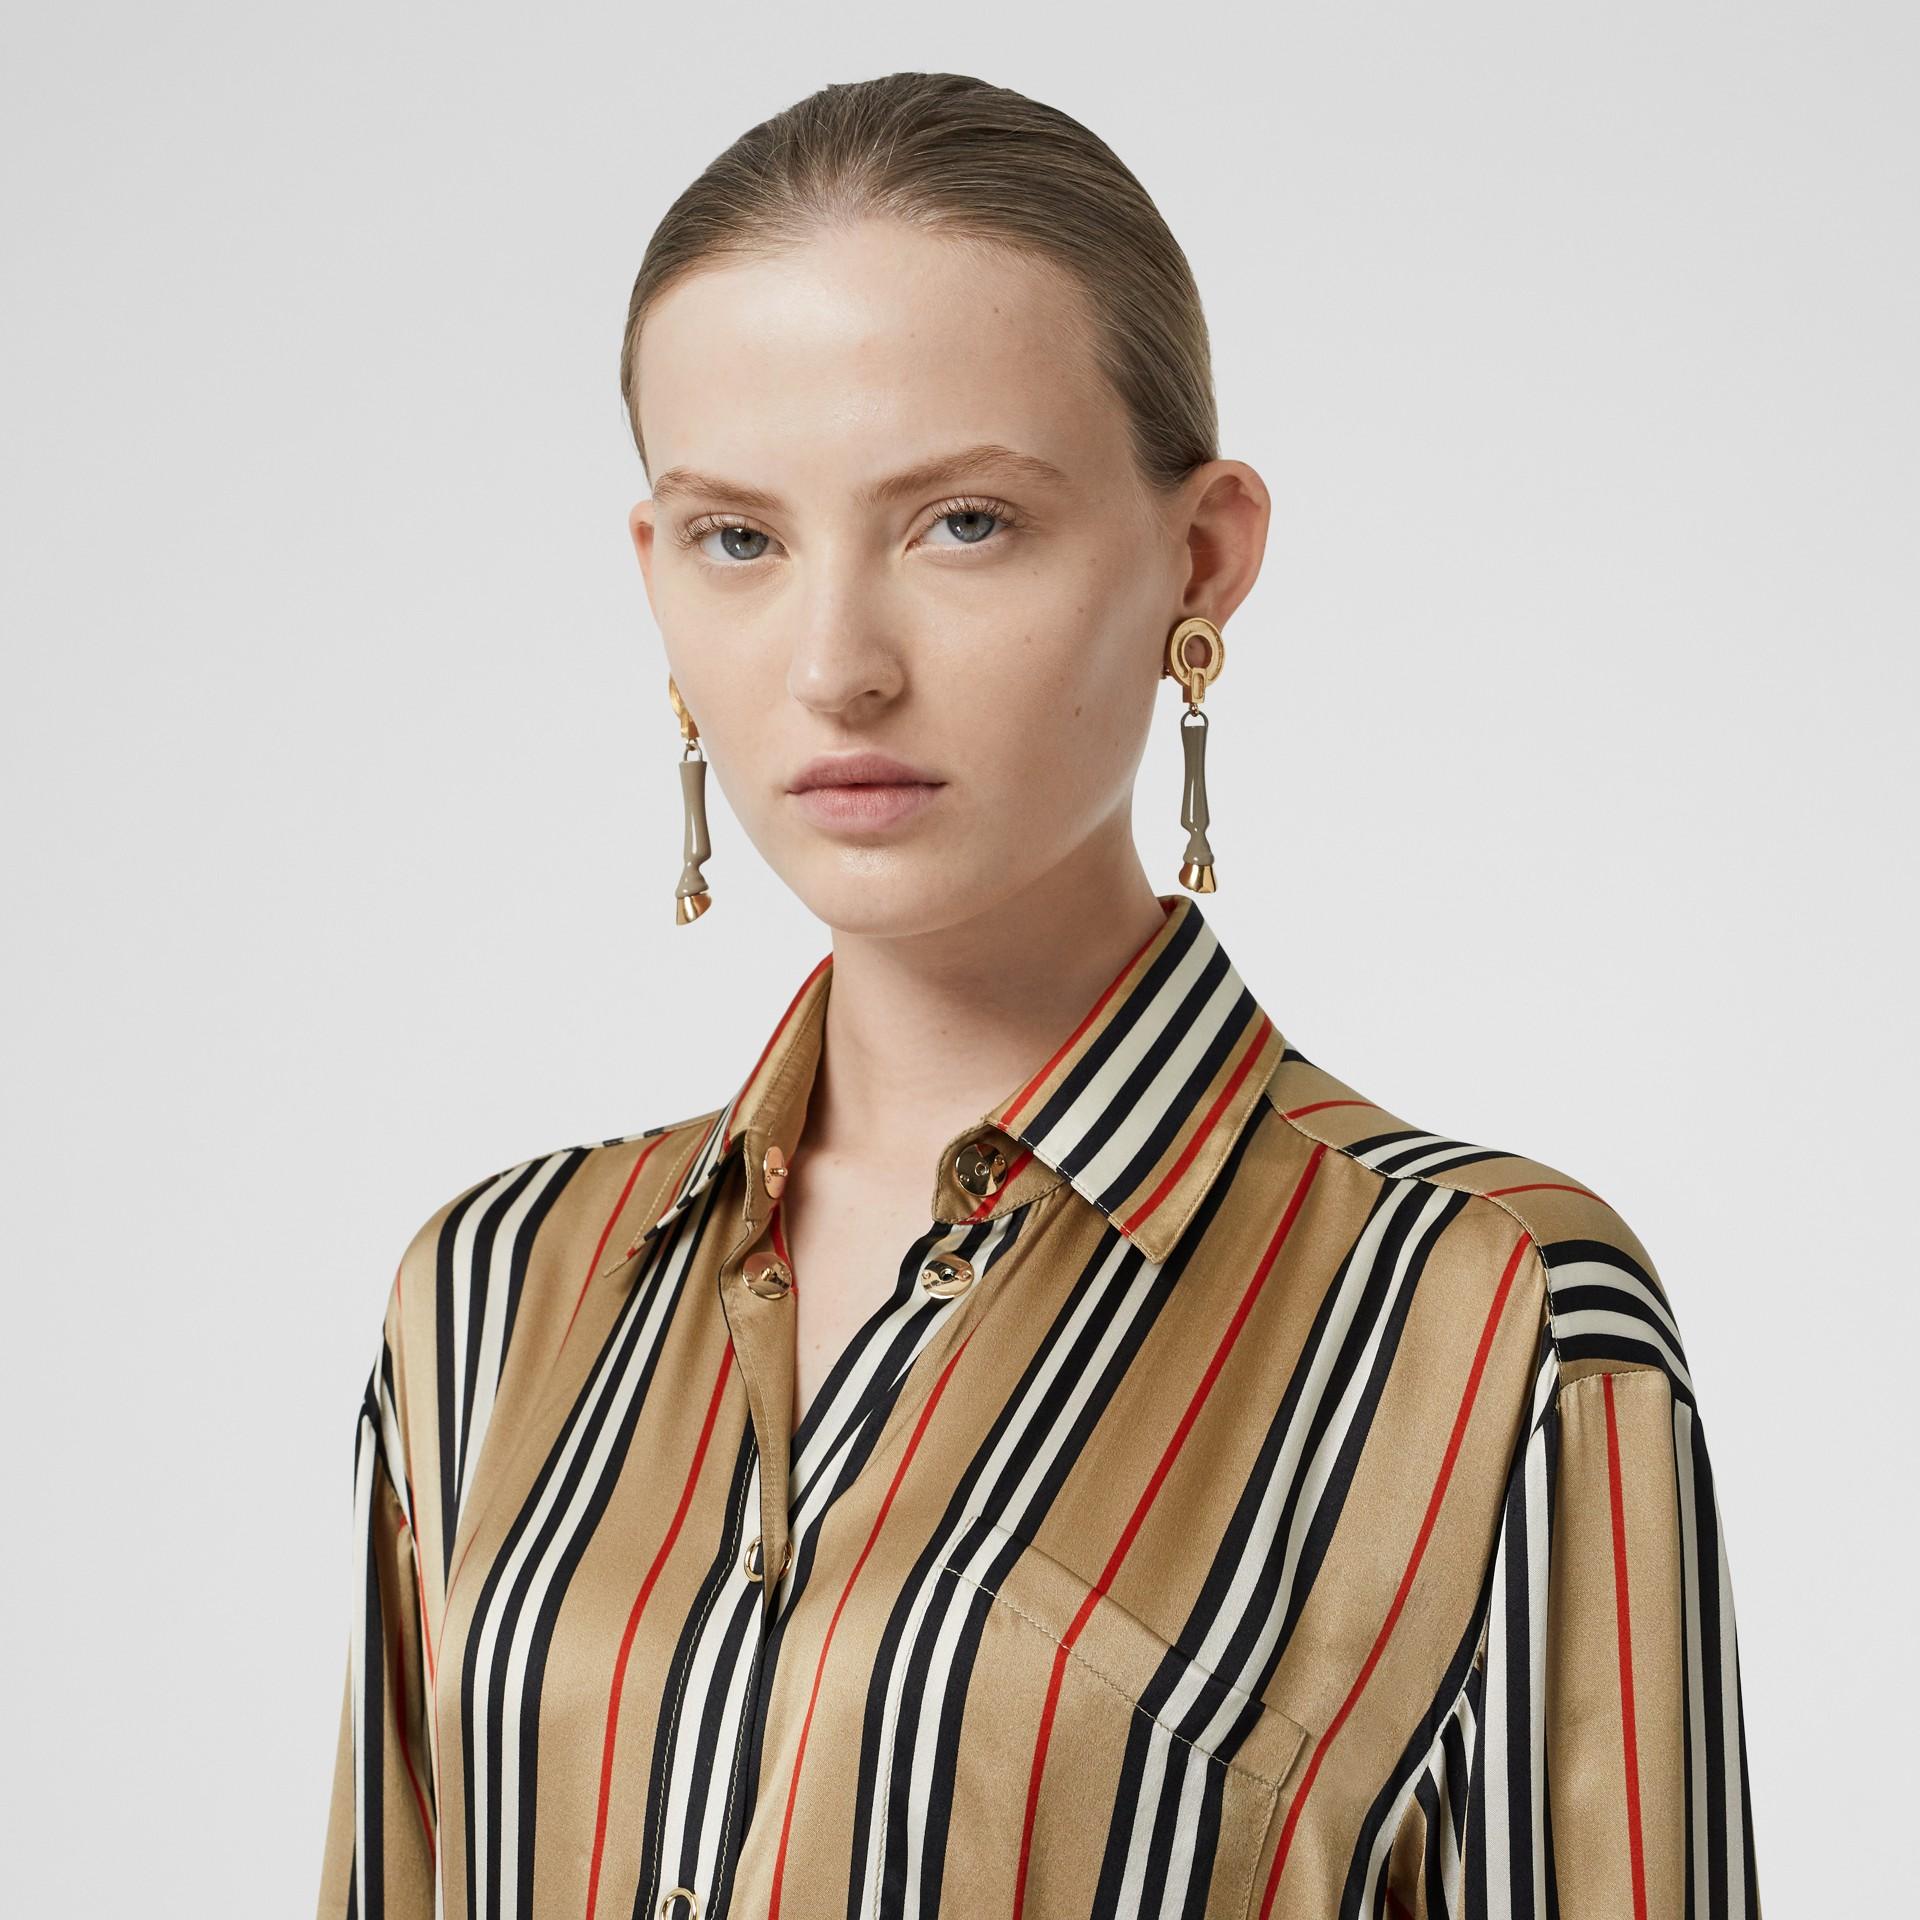 標誌性條紋絲質襯衫 (典藏米色) - 女款 | Burberry - 圖庫照片 1